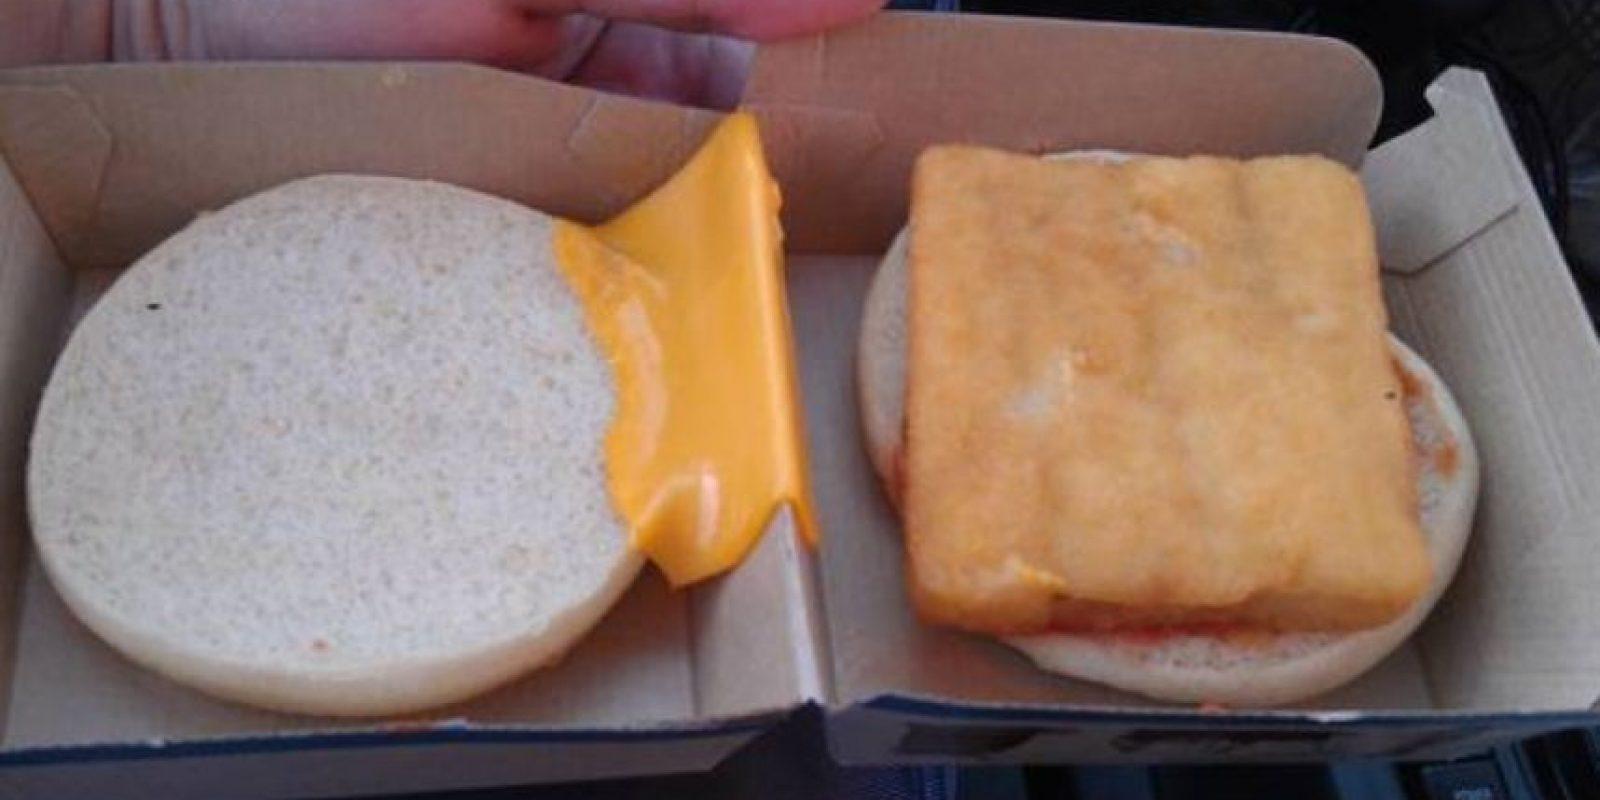 Tómenlo por el lado bueno. Se puede raspar el queso. Mejor no. Foto:Imgur